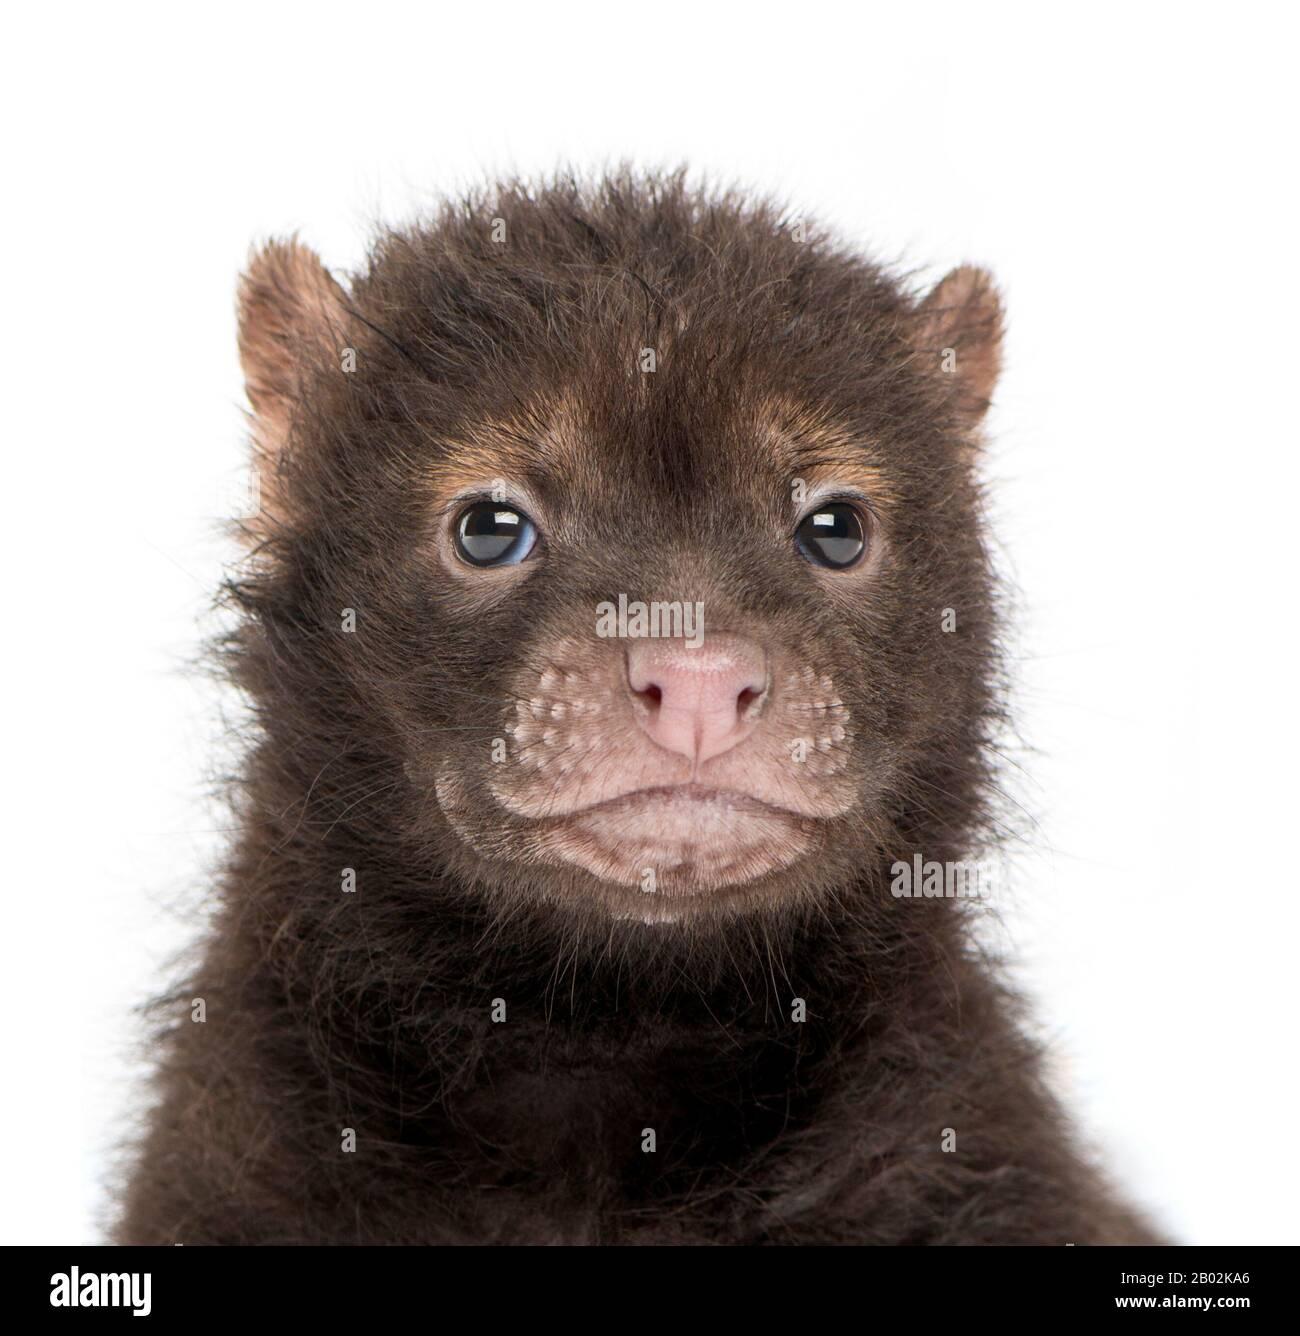 Primer plano de un bebé Bushdog mirando a la cámara, Spothos venaticus, de 2 meses de edad, aislado en blanco Foto de stock